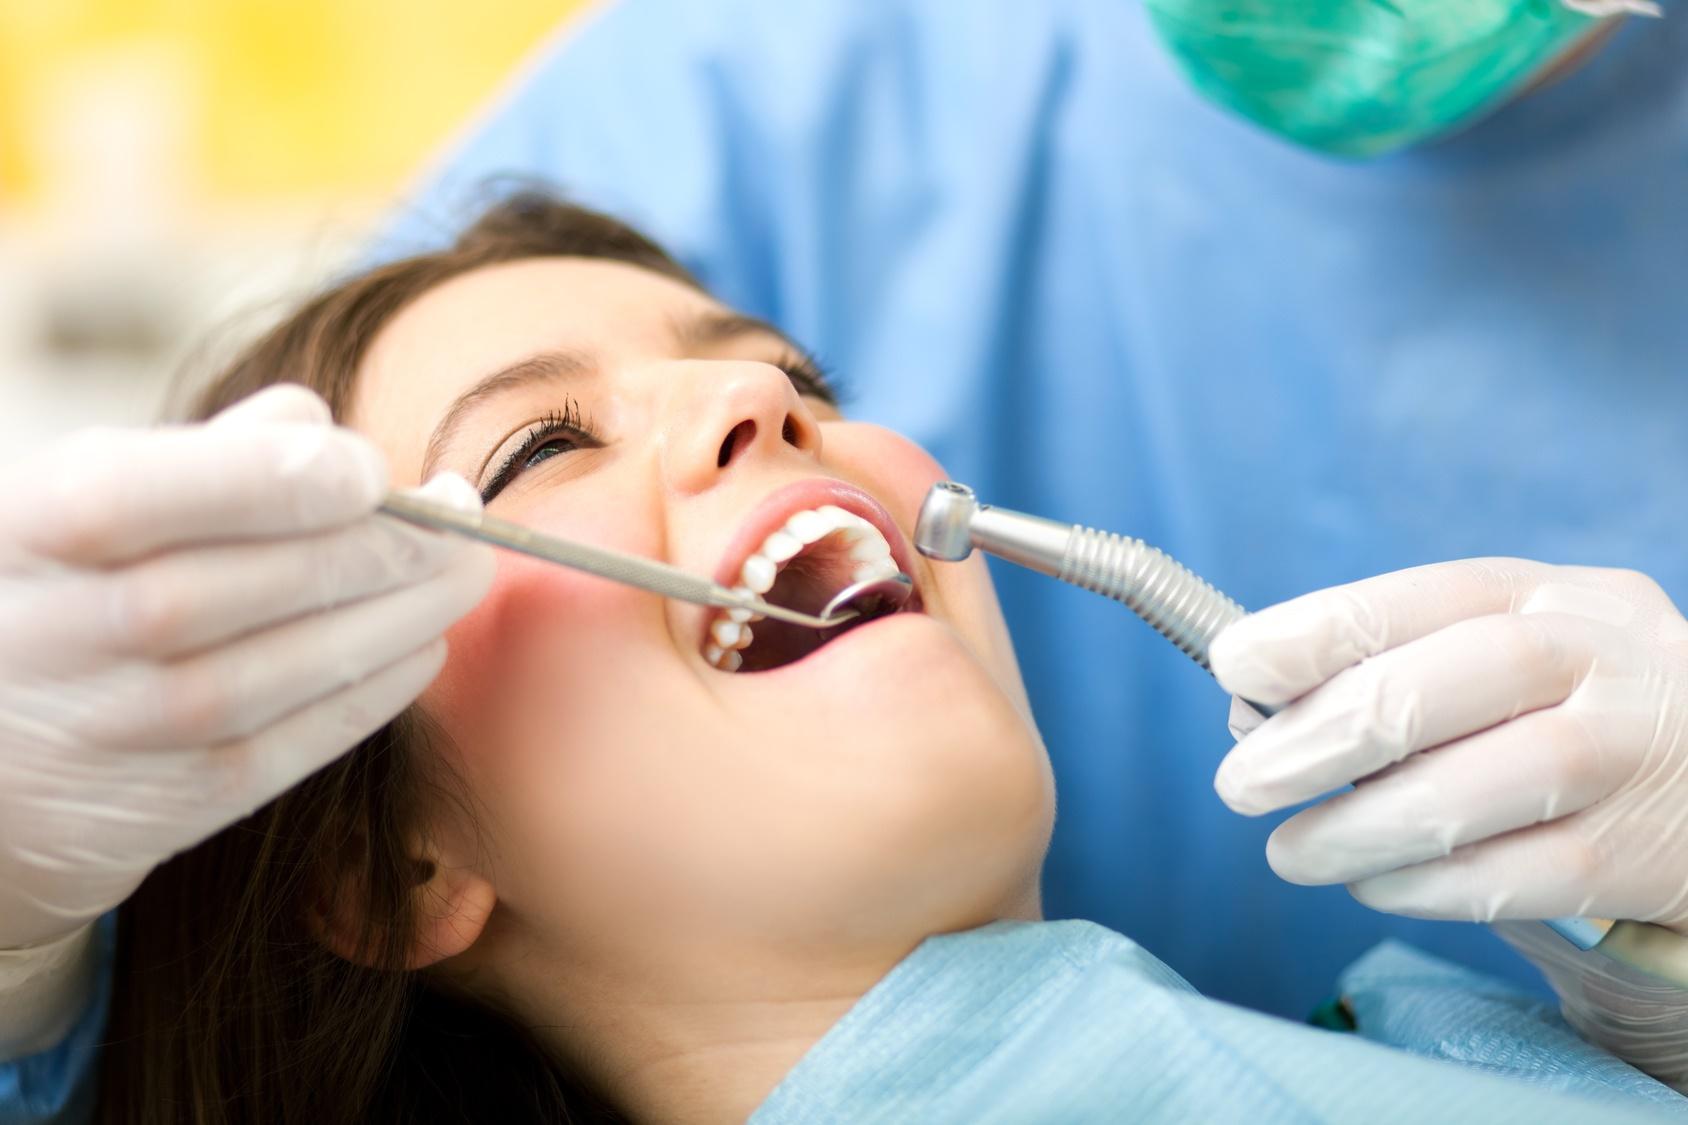 Стоматологические наконечники для эффективного оказания услуг